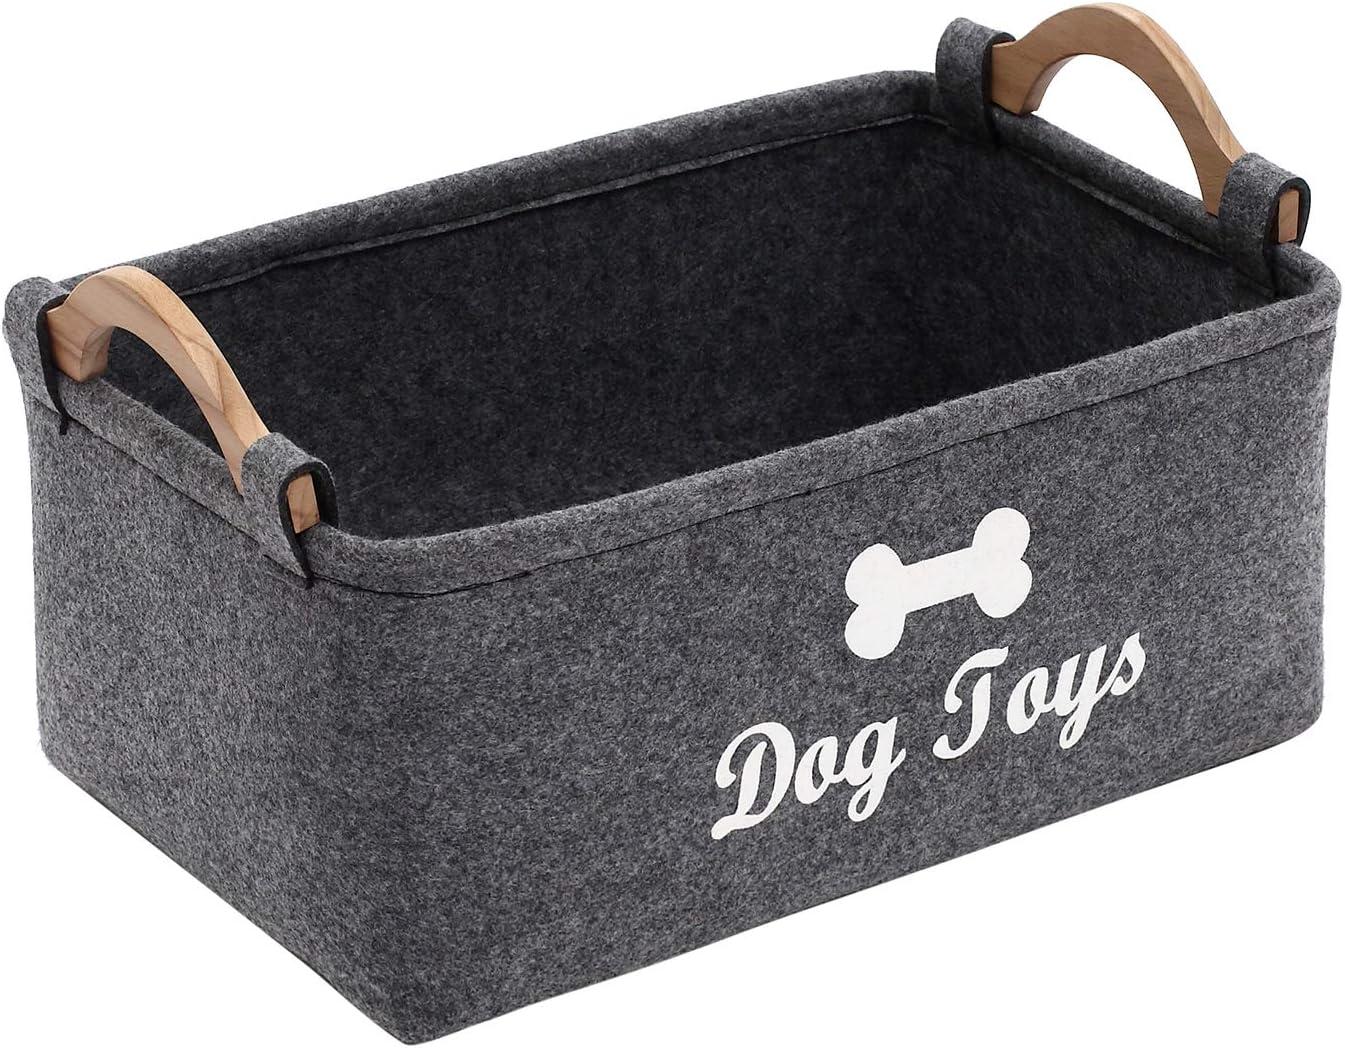 Geyecete Dog Toys Storage Bins - with Wooden Handle, Pet Supplies Storage Basket/Bin Kids Toy Chest Storage Trunk C705-Big (Dark Grey)